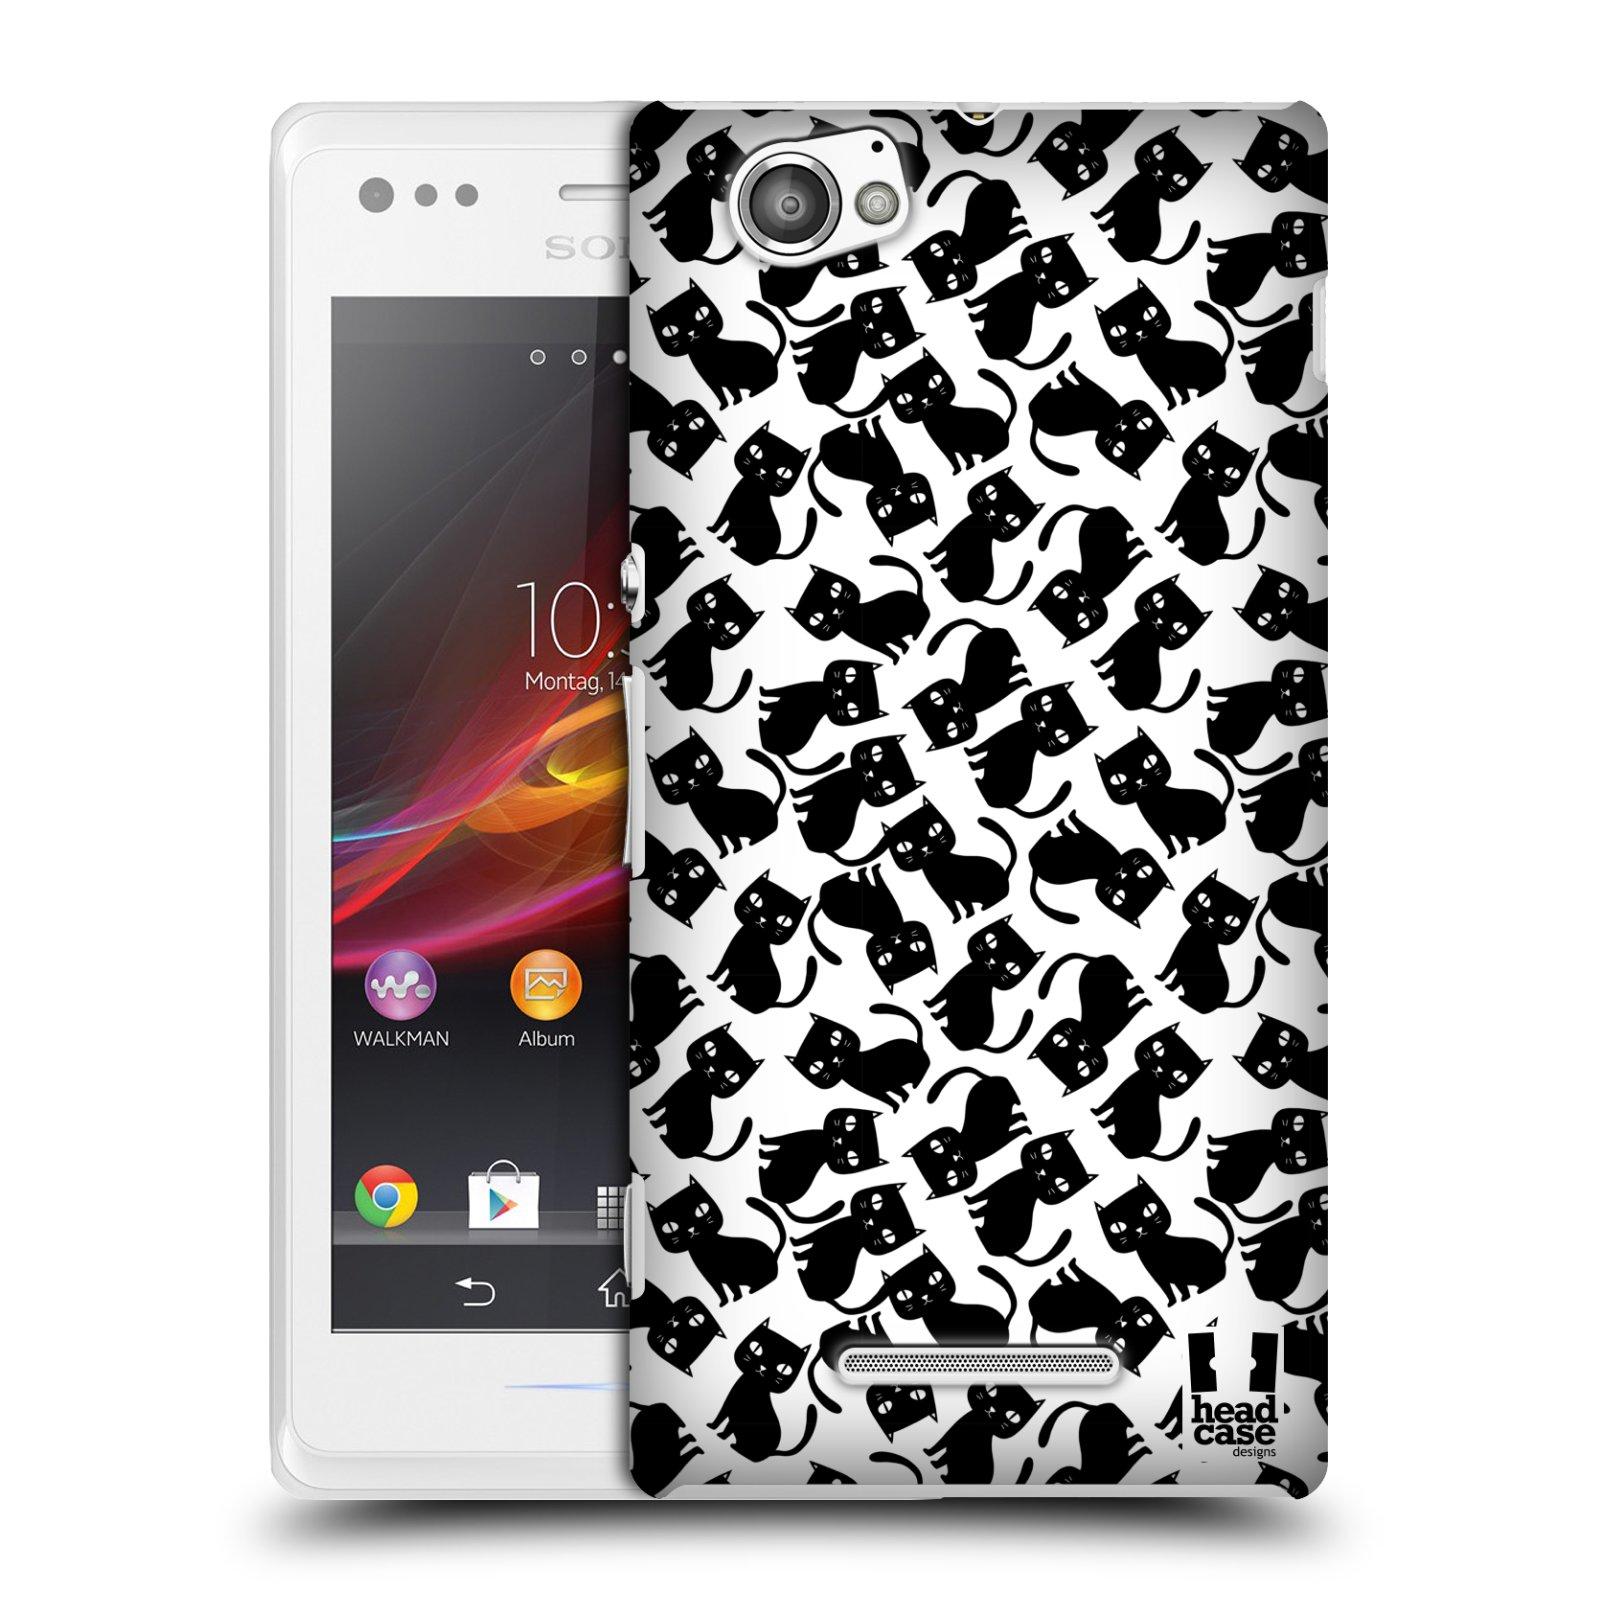 Plastové pouzdro na mobil Sony Xperia M C1905 HEAD CASE KOČKY Black Pattern (Kryt či obal na mobilní telefon Sony Xperia M a M Dual)